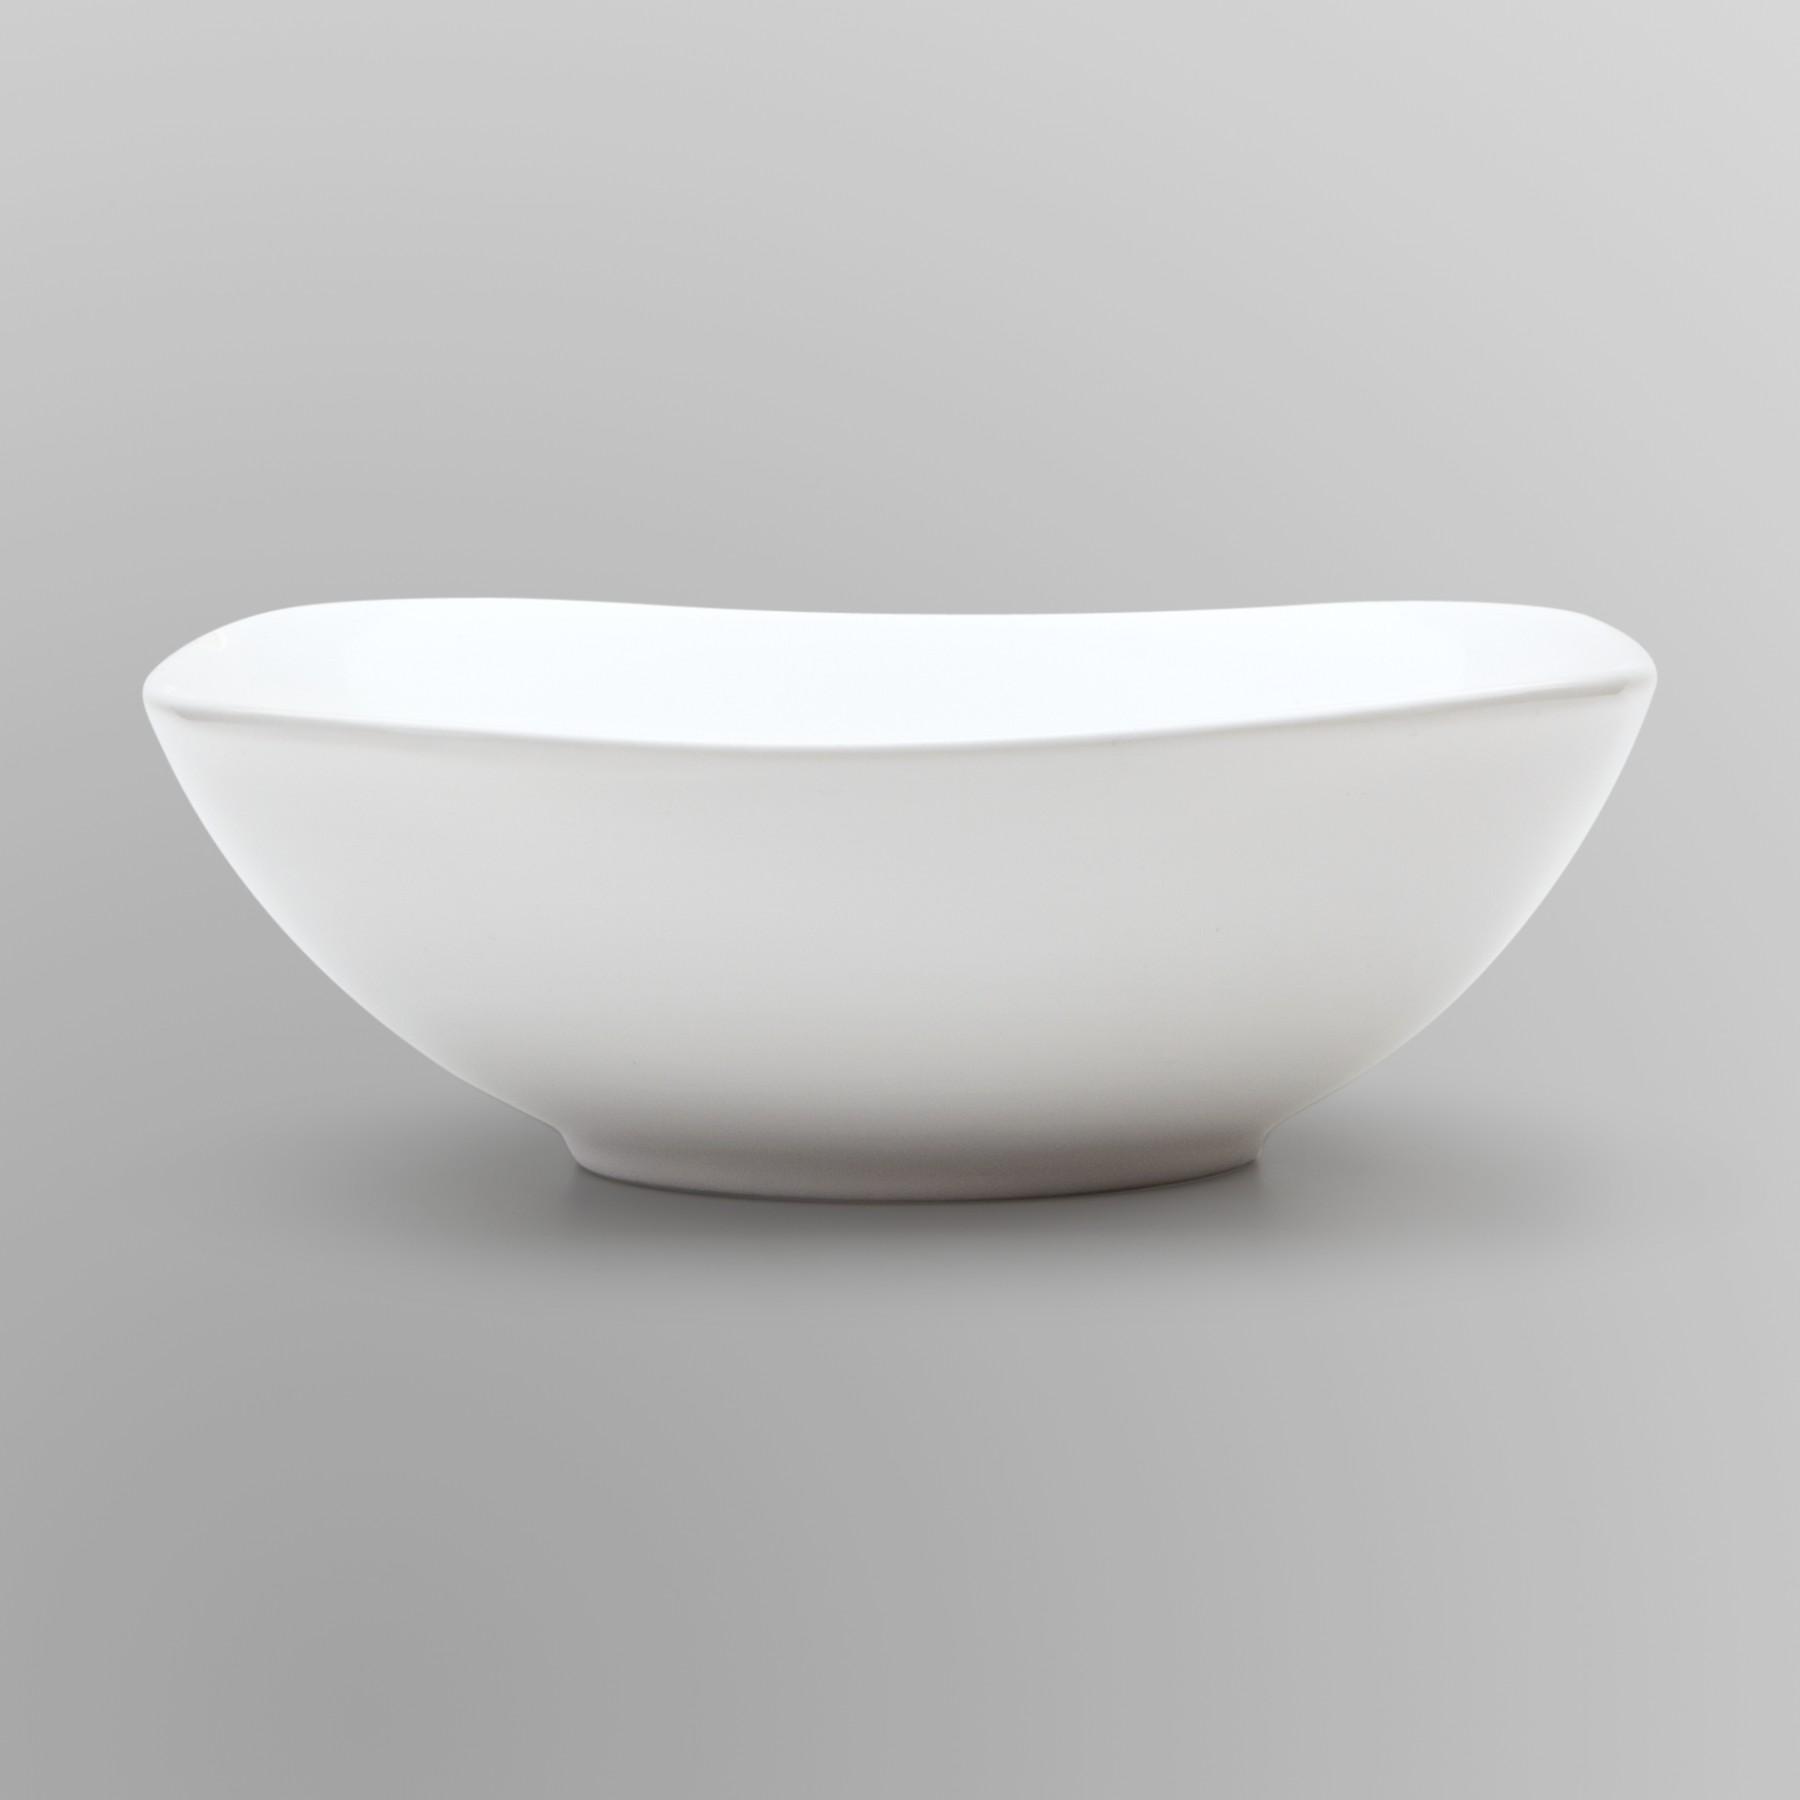 Essential Home Soft Square Bowl- White